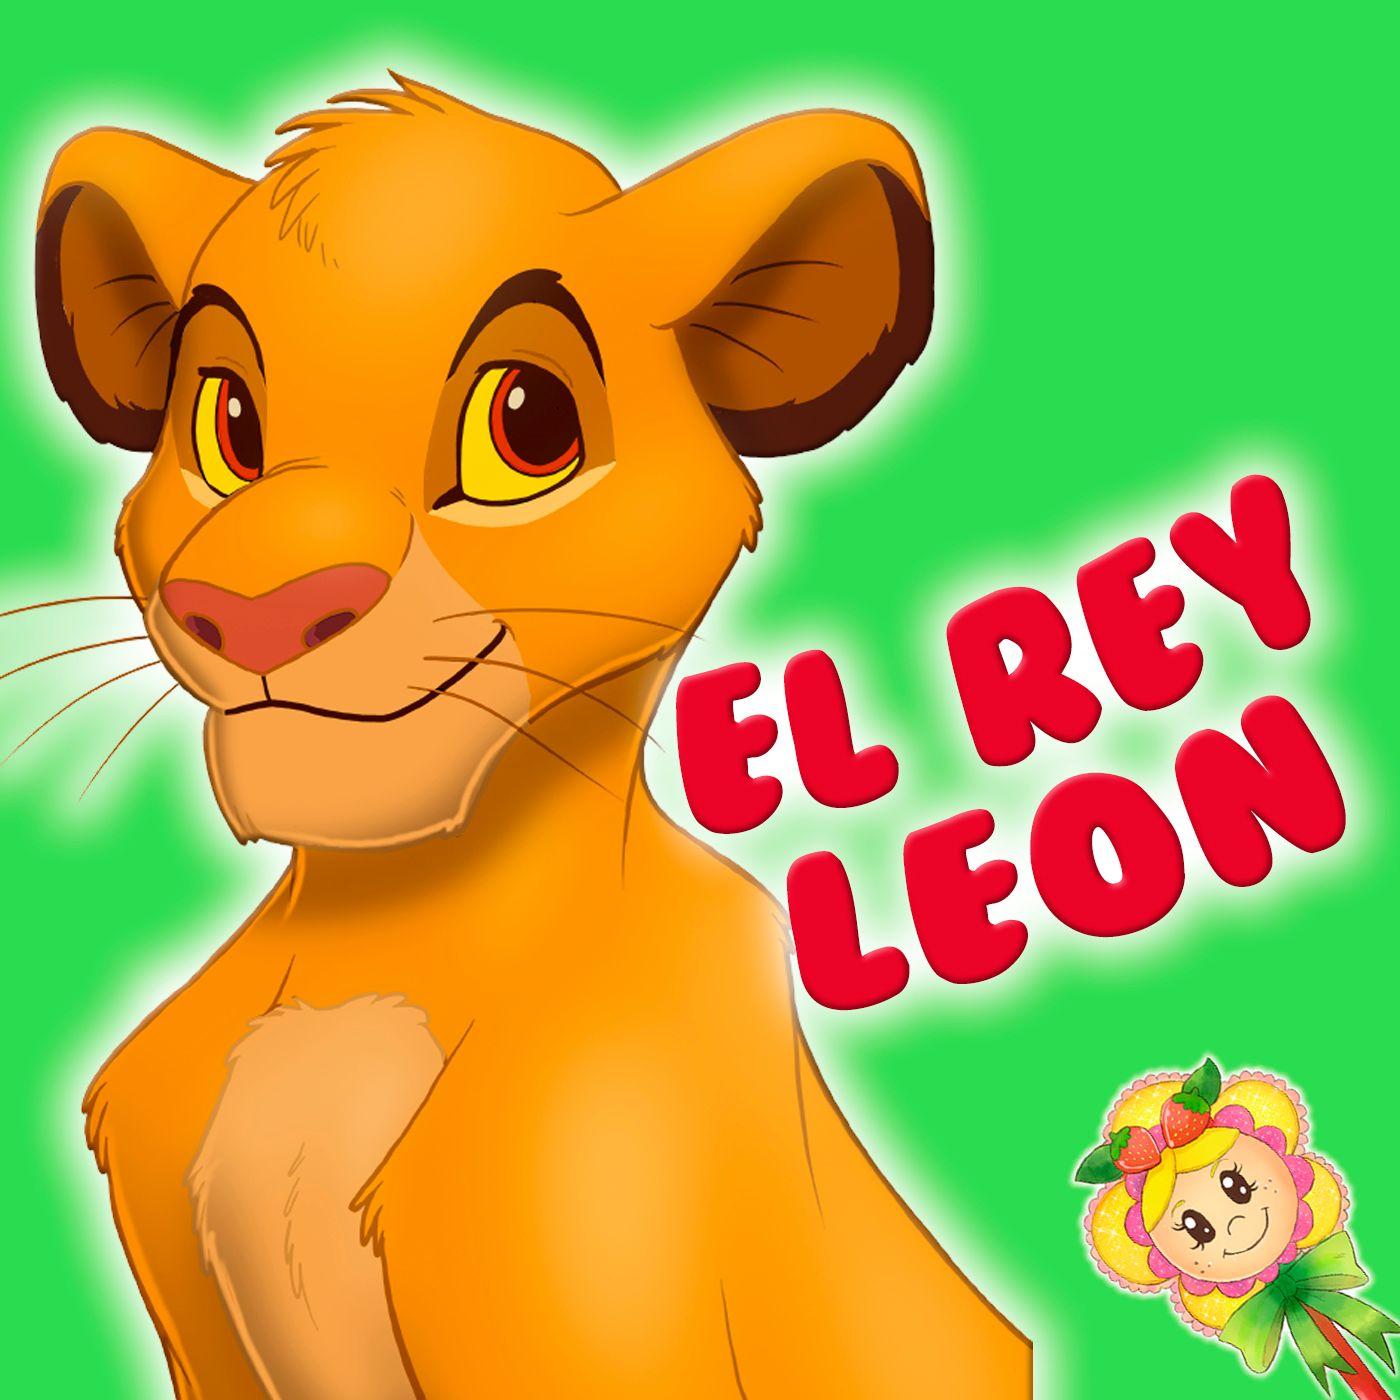 146. El rey león. Adaptación del cuento del rey leon por Hada de Fresa